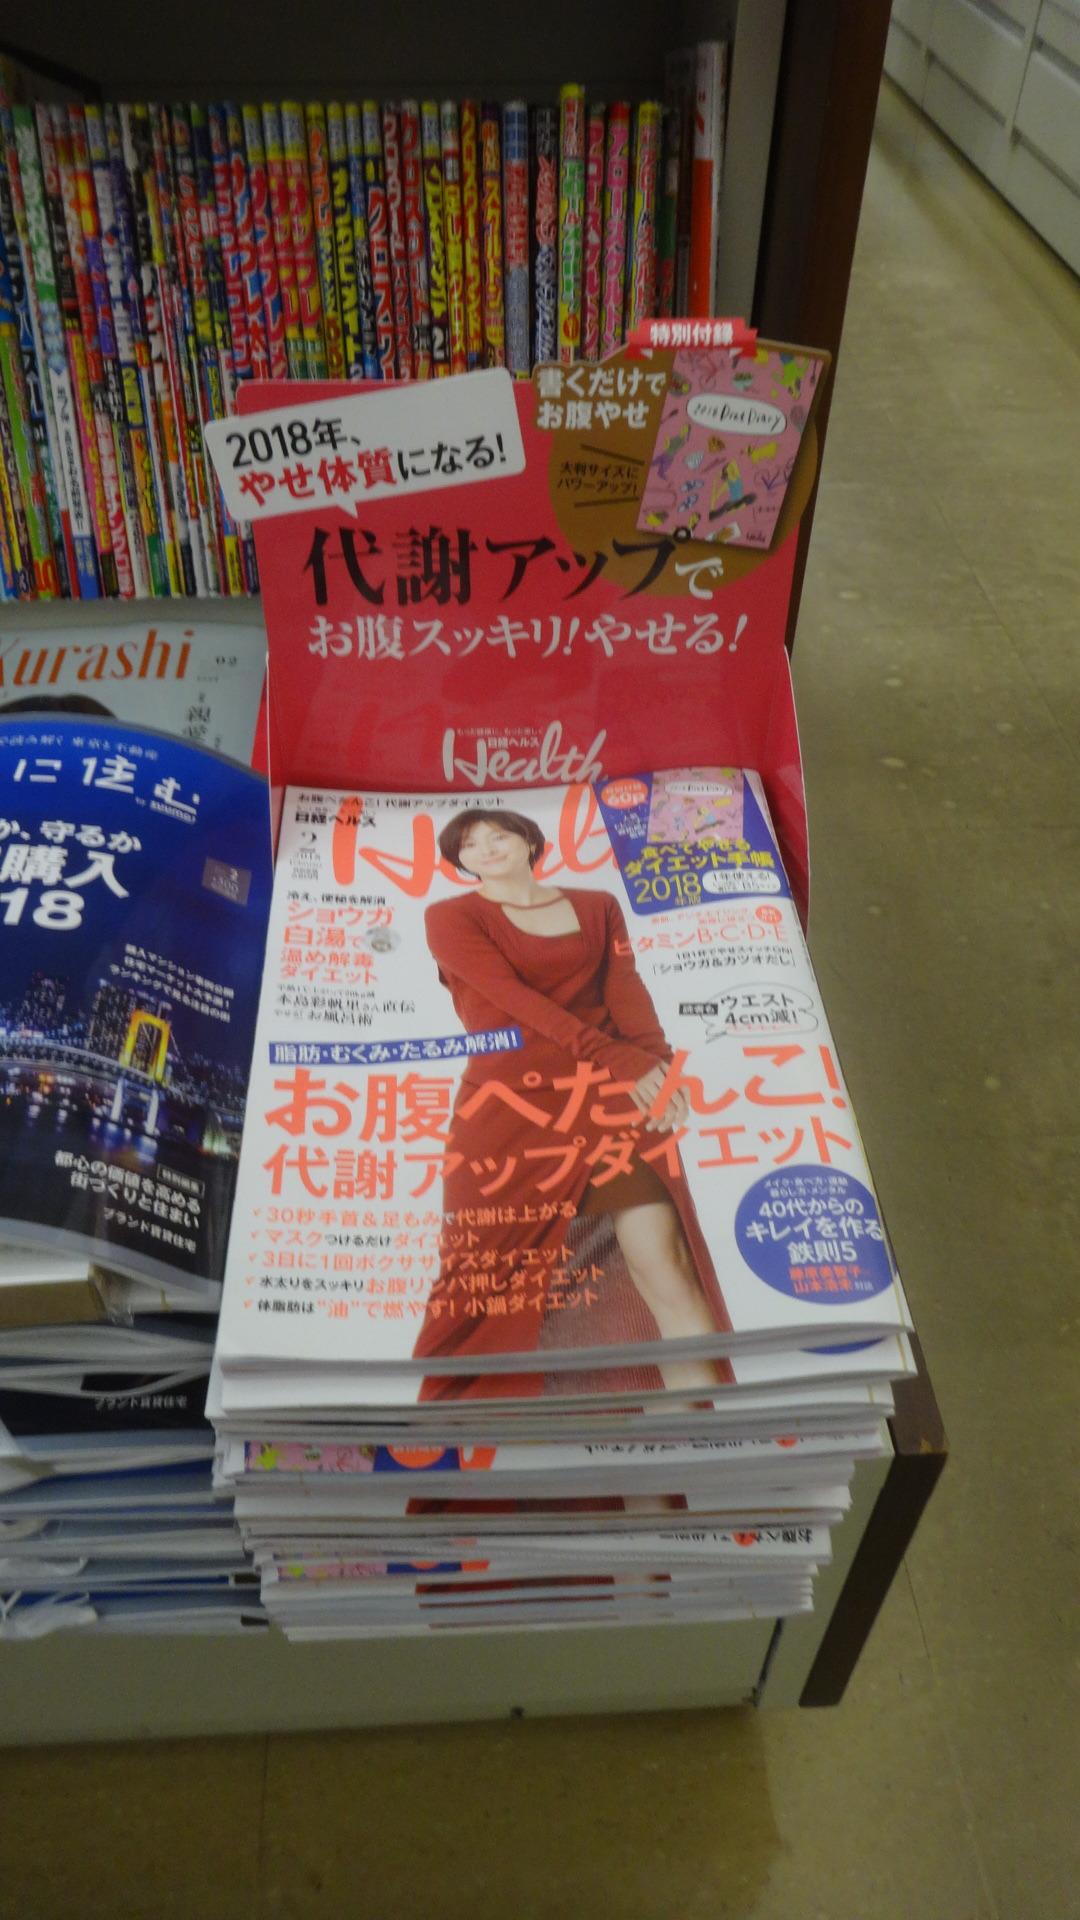 日本橋丸善の雑誌コーナーに置かれていた日経ヘルス・2018年2月号